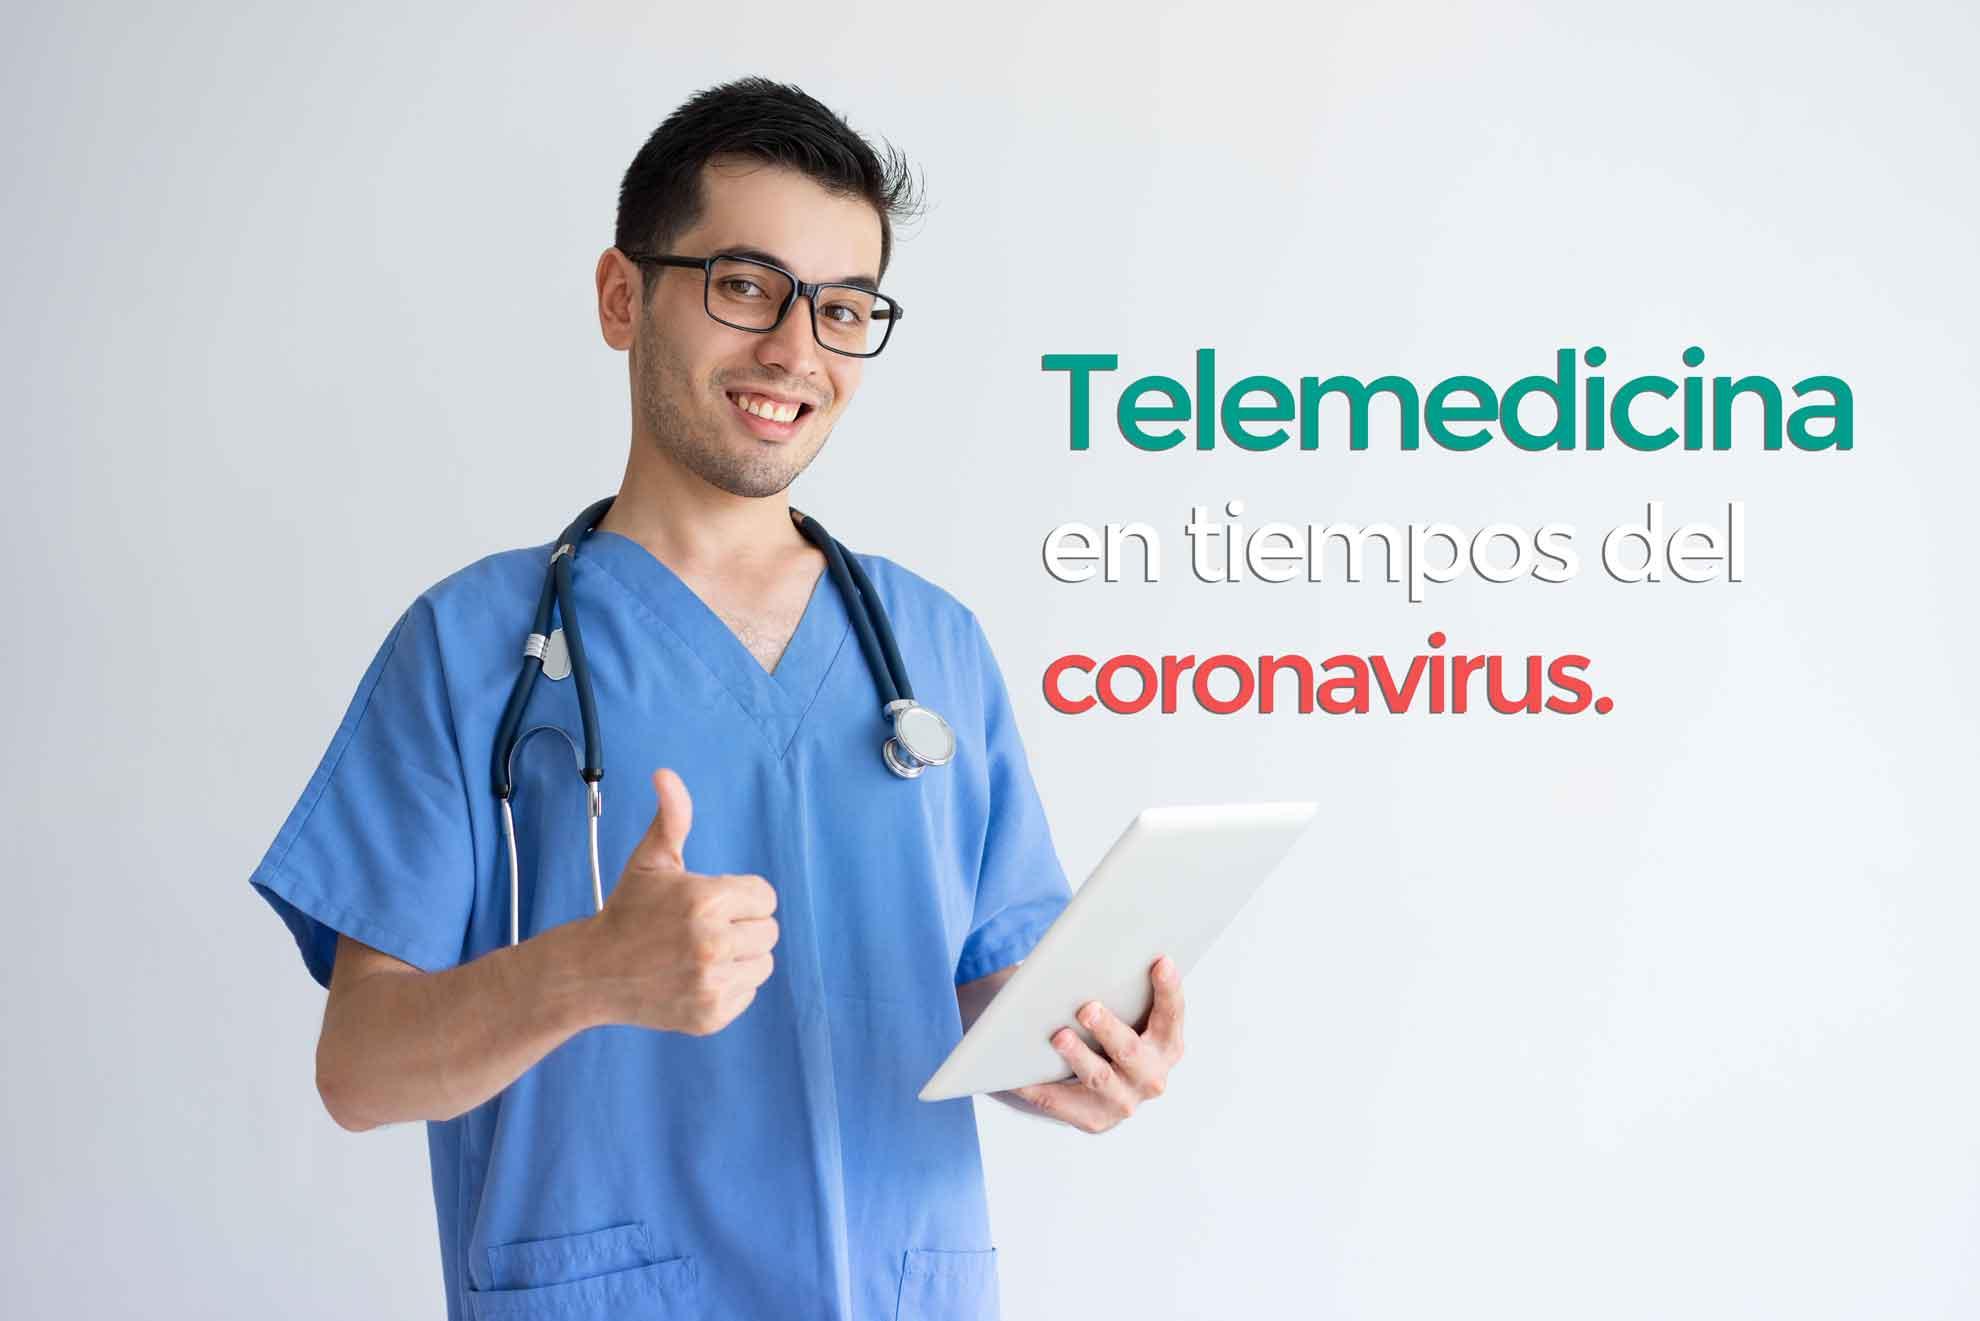 Telemedicina en tiempos del coronavirus